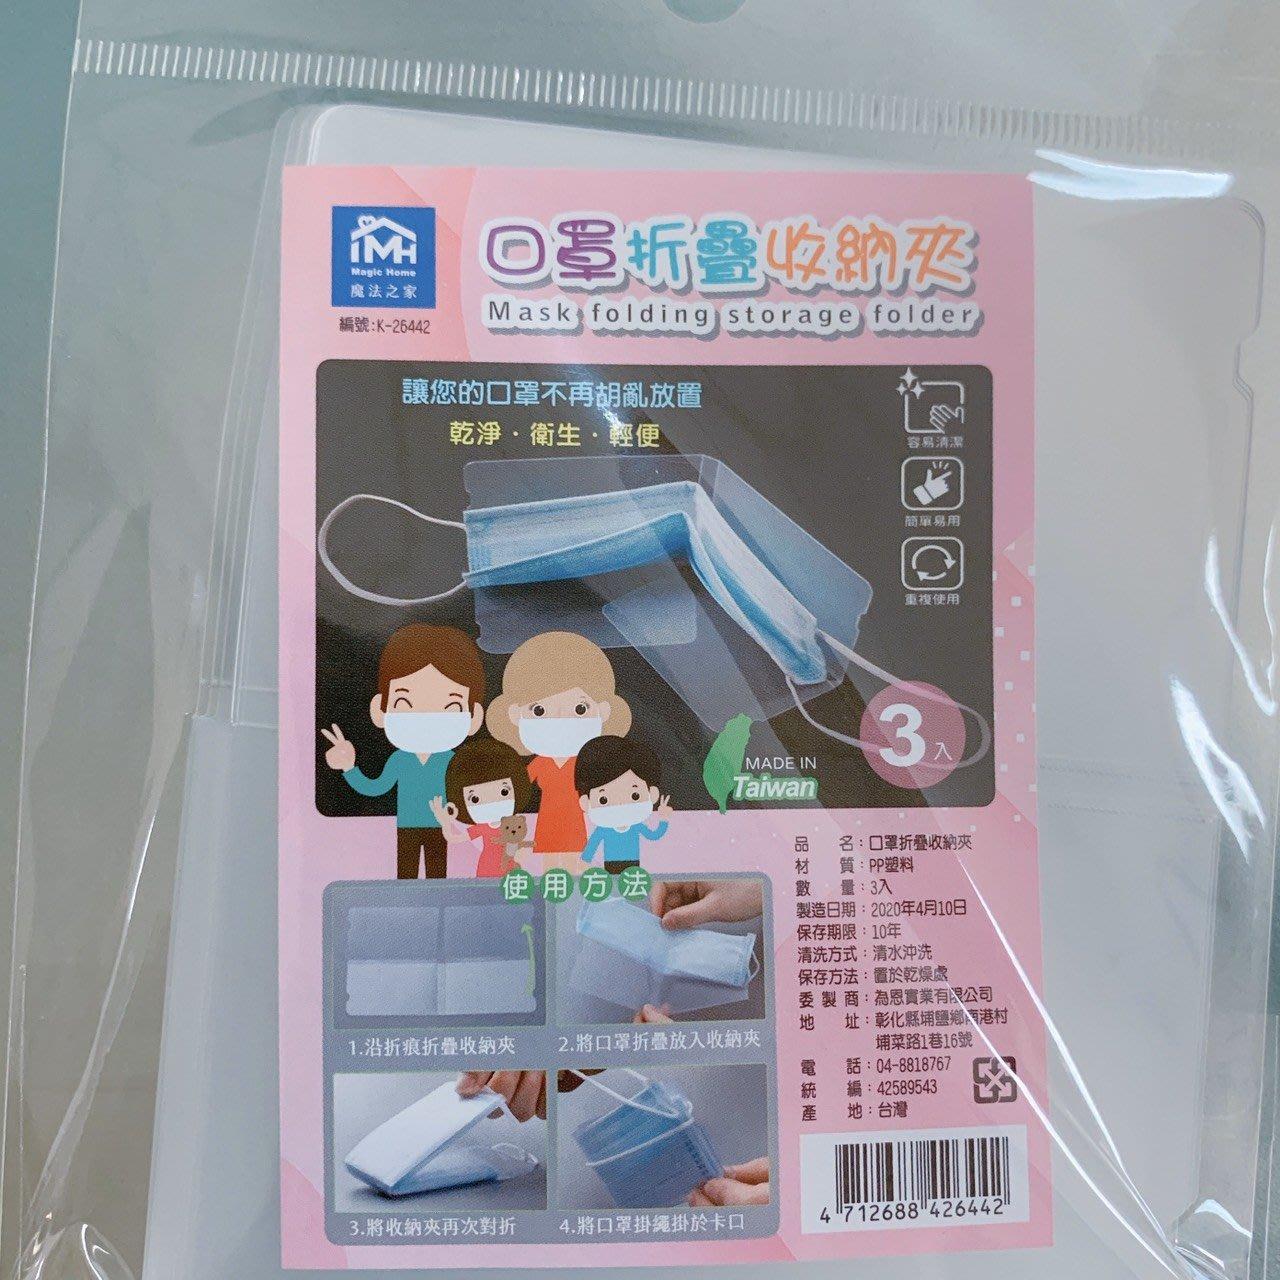 現貨 立體口罩收納夾3入/包  公司貨 台灣製 食用級安全無毒材質 口罩收納 攜帶方便